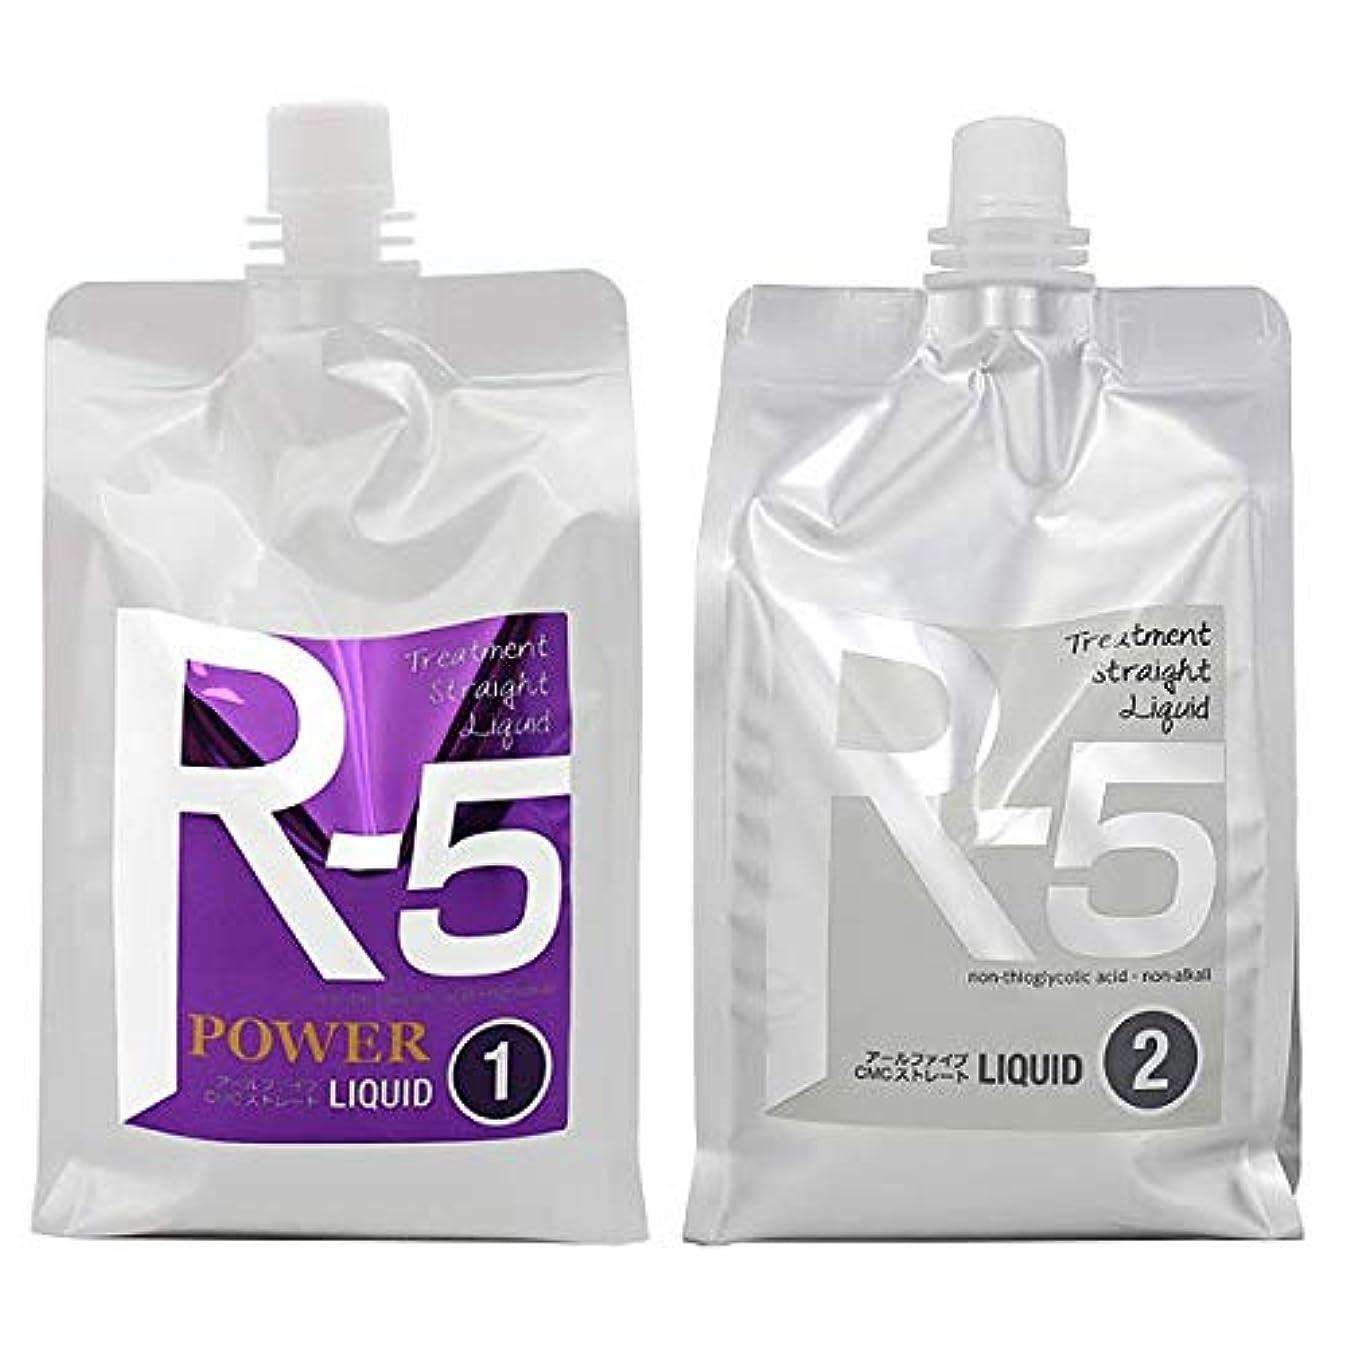 四面体立ち向かうホラーCMCトリートメントストレート R-5 パープル(パワー) ストレート剤